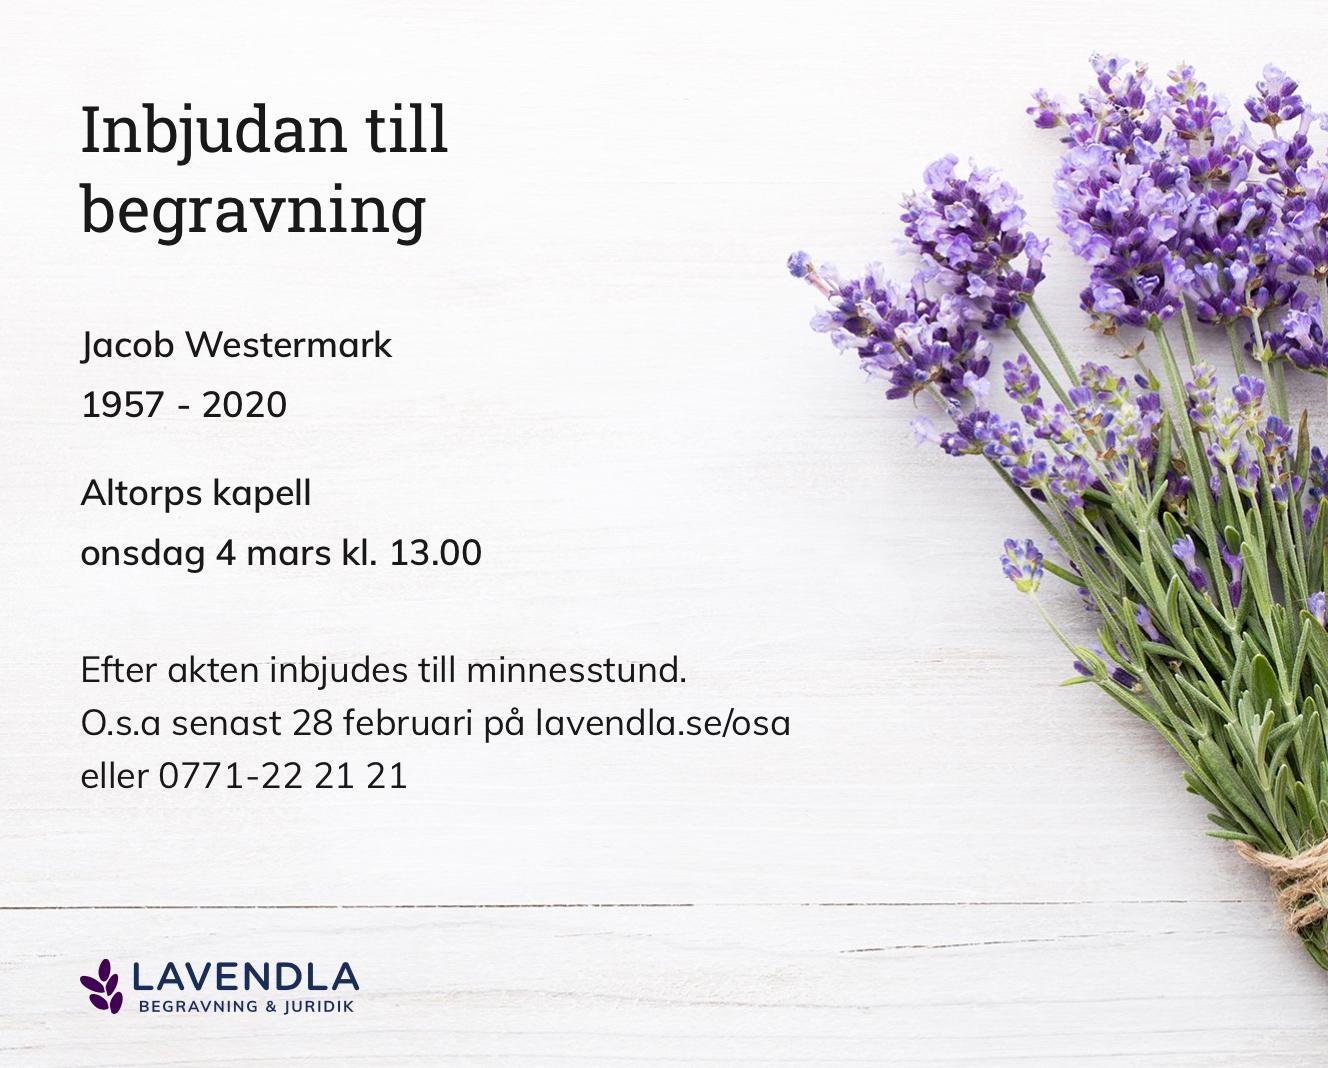 Inbjudningskort till ceremonin för Jacob Westermark